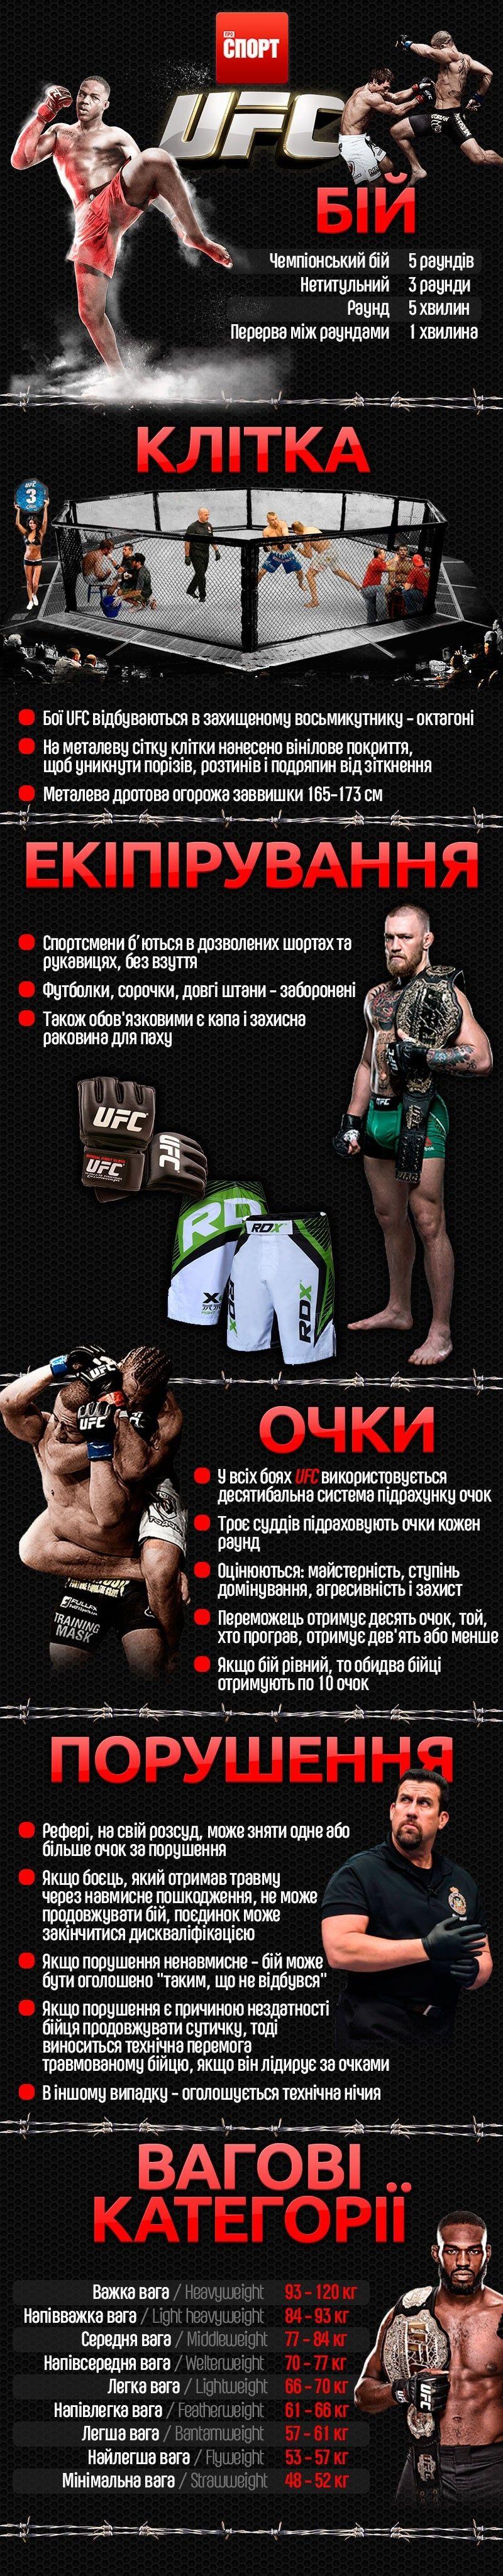 UFC інфографіка